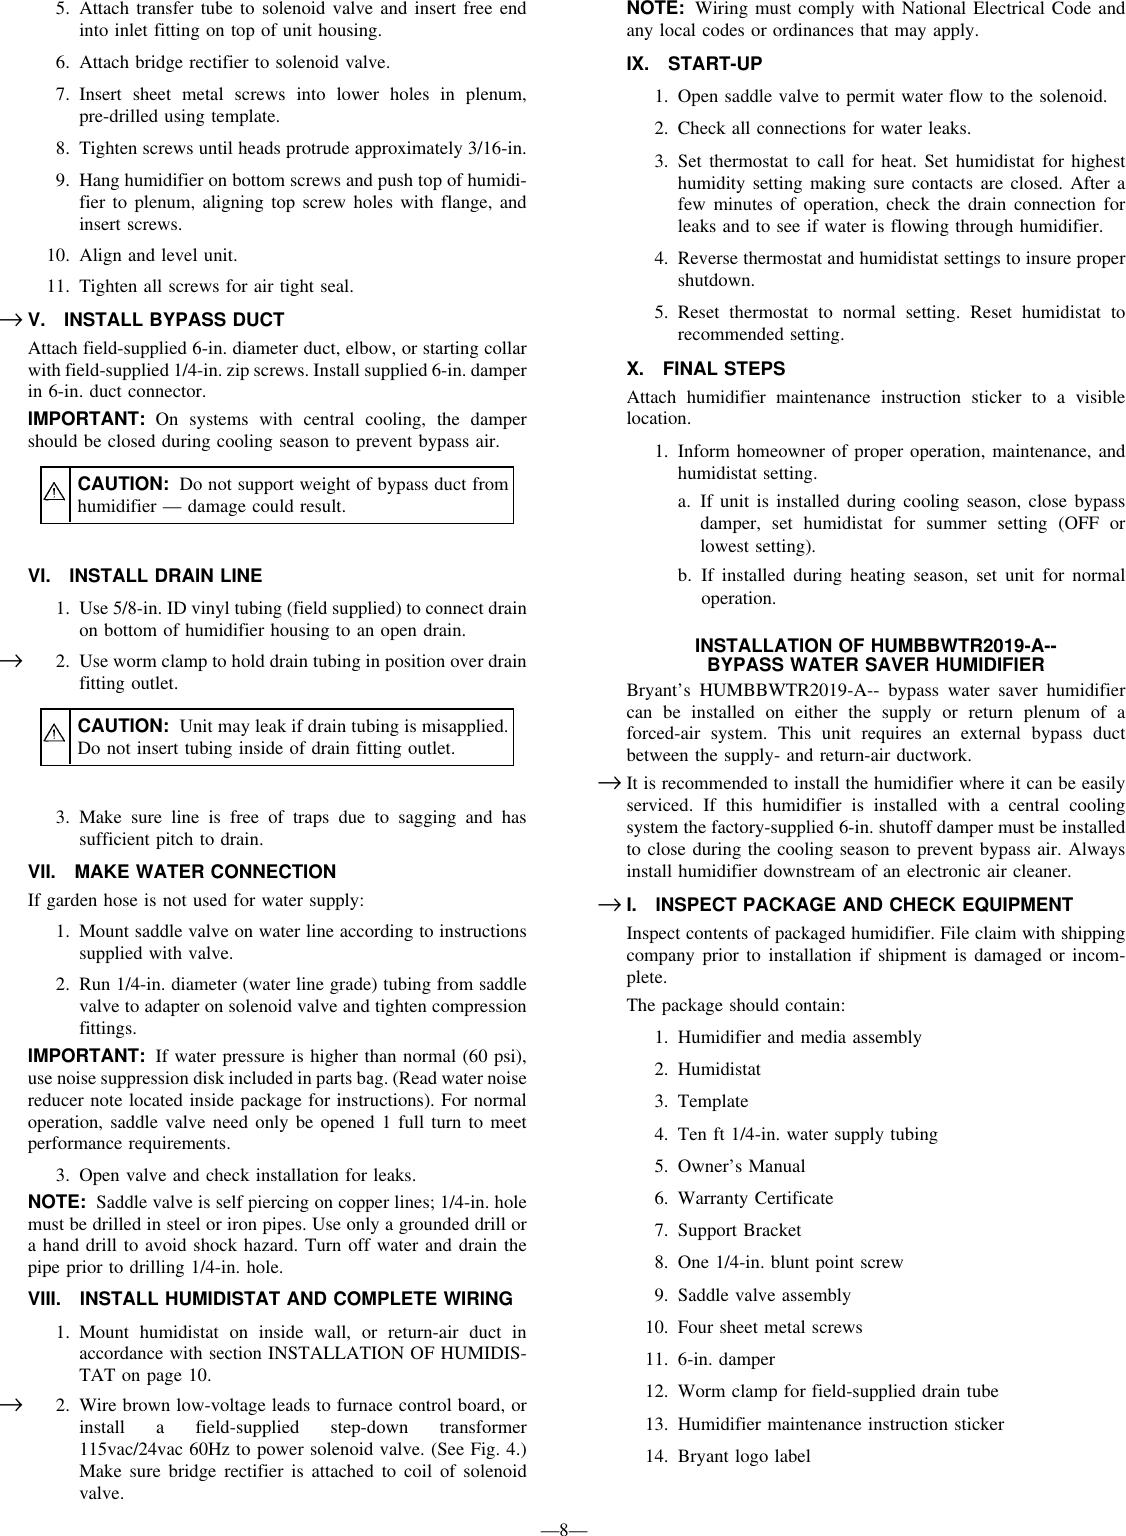 Bryant Hum 56 1 Users Manual